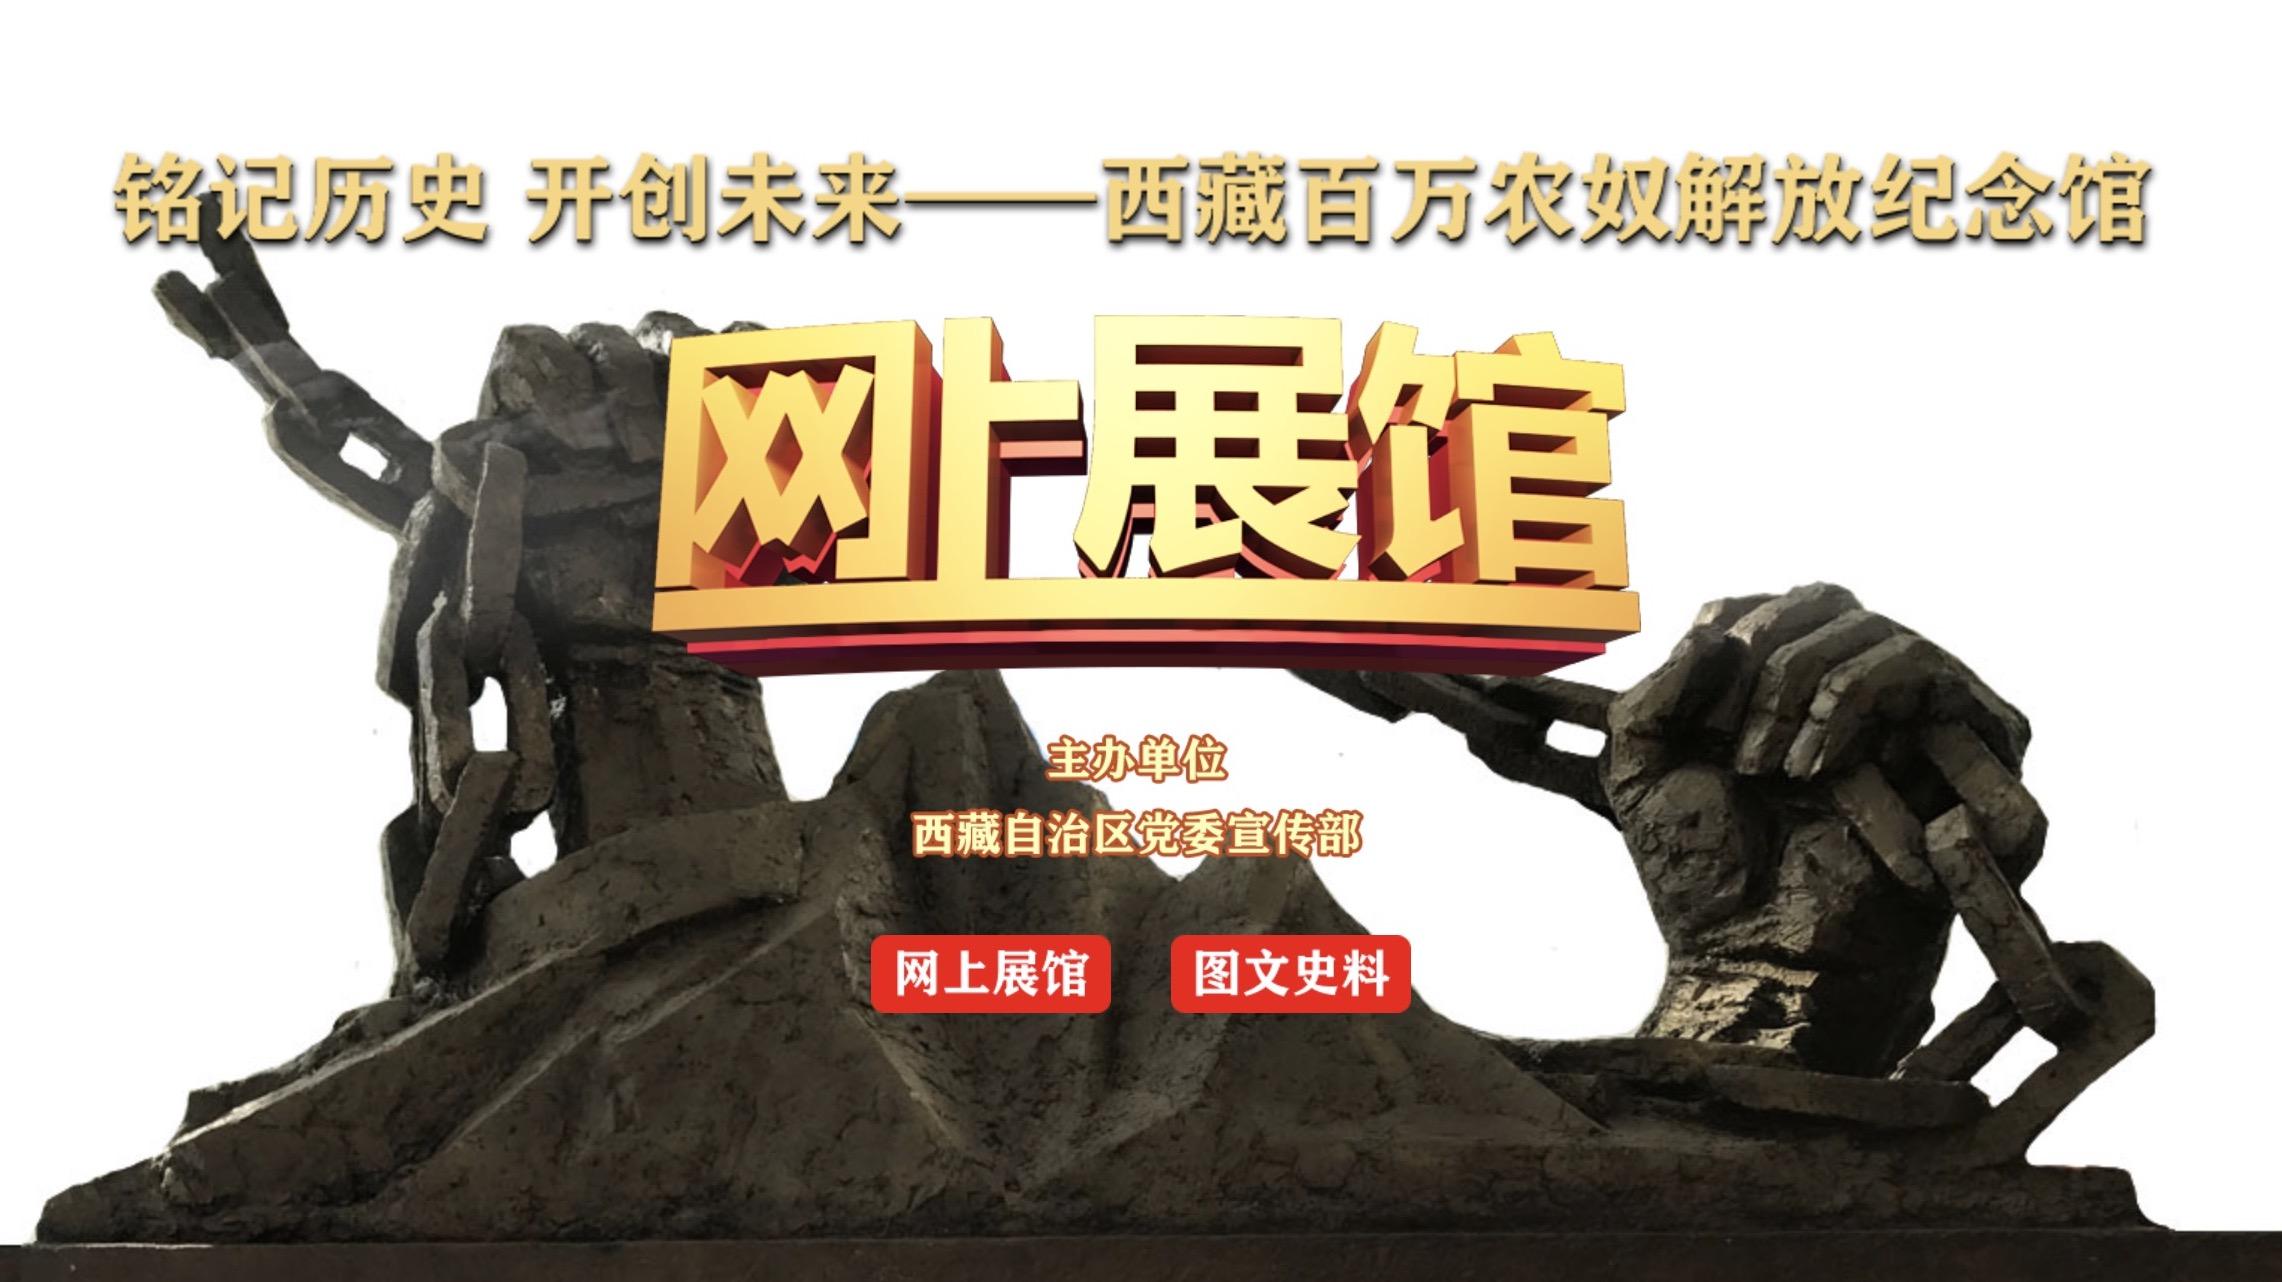 带你体验西藏百万农奴解放纪念馆网上展馆